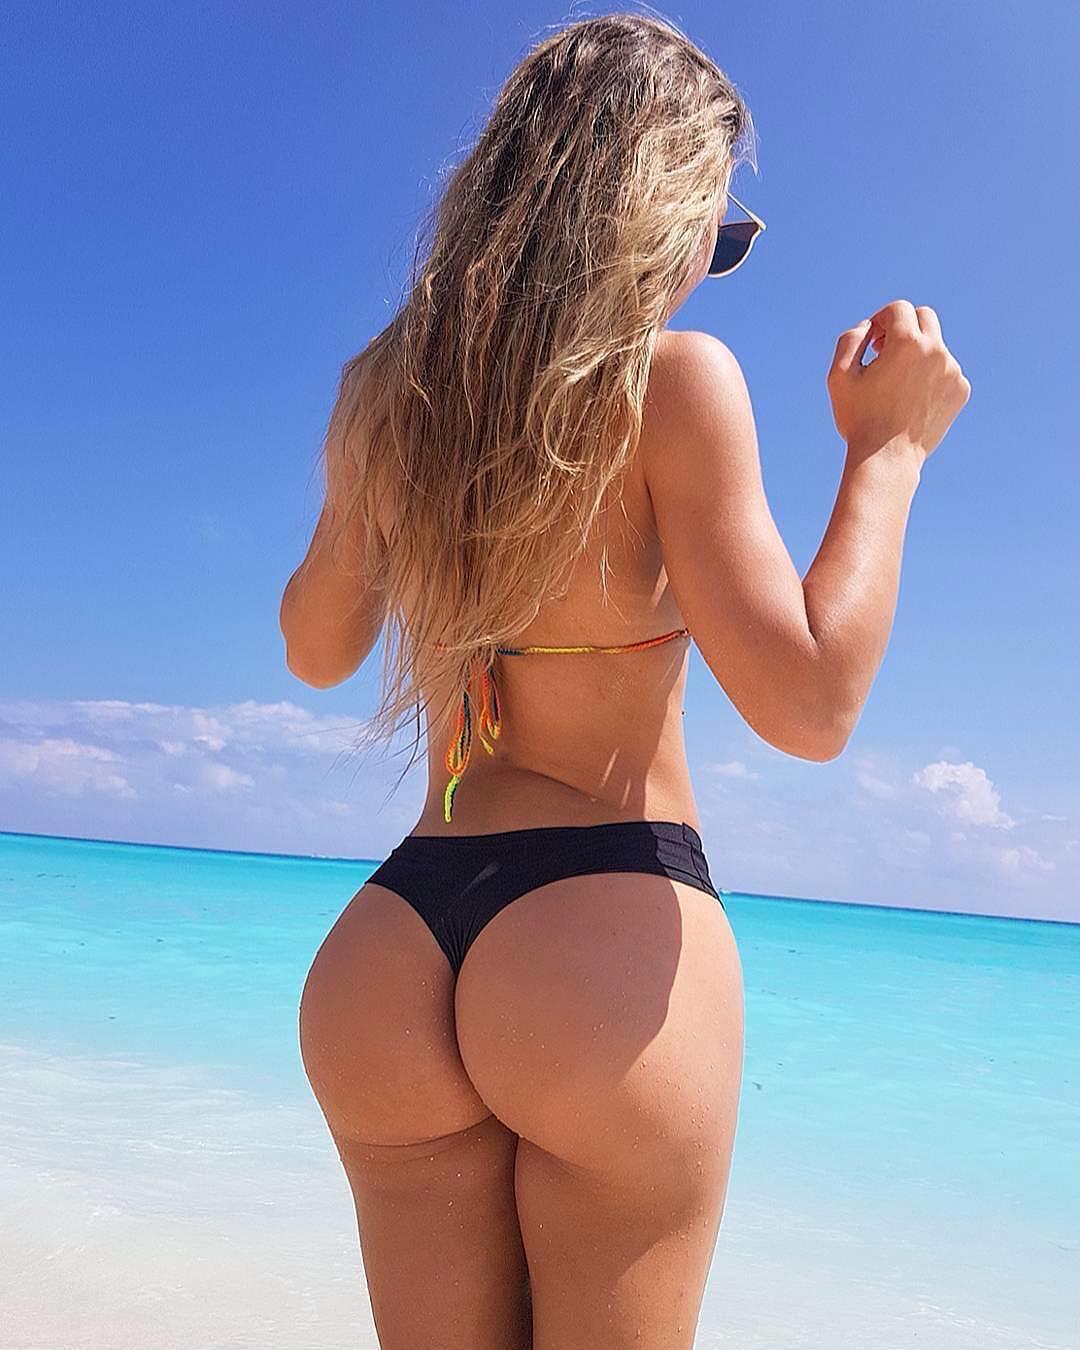 Beauty girls big ass